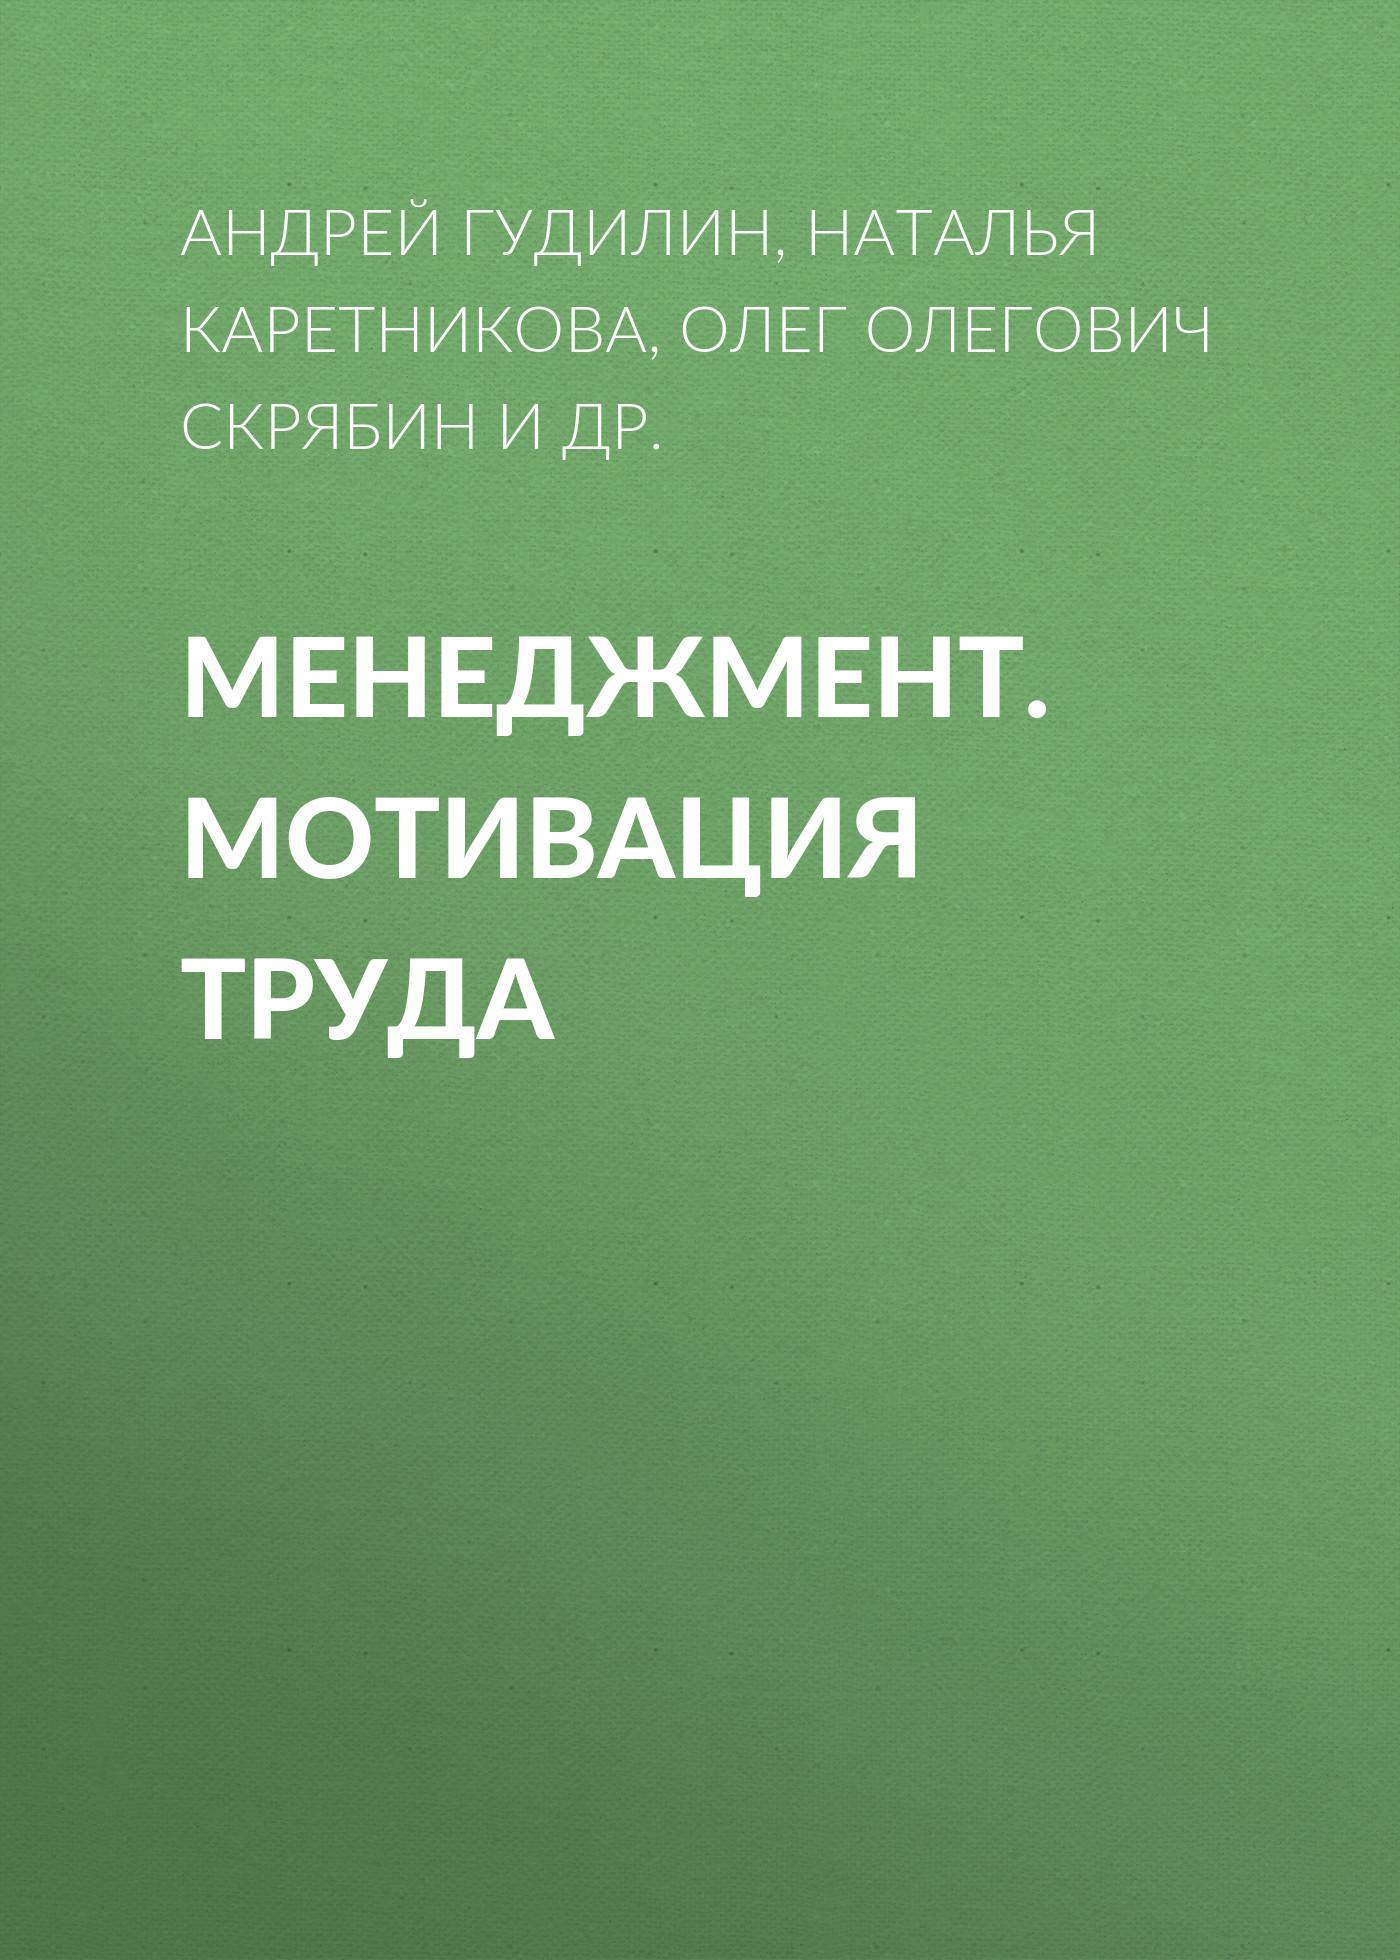 Олег Олегович Скрябин Менеджмент. Мотивация труда связь на промышленных предприятиях